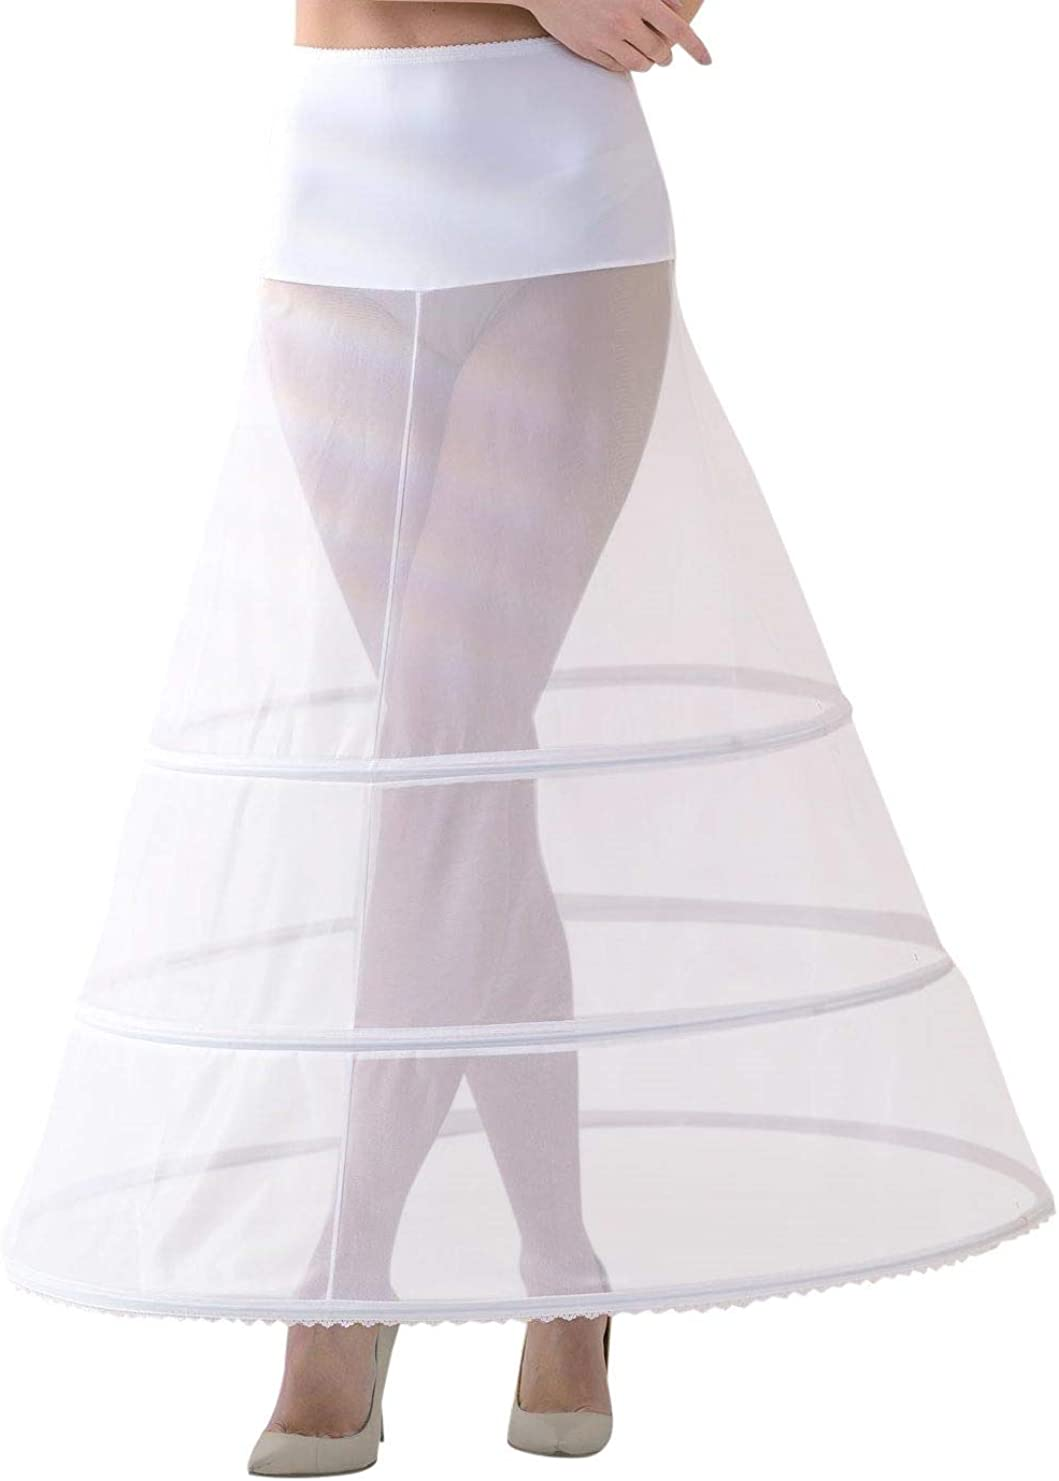 Lacey Bell Femme Jupon Maxi Elegante Elastique Taille pour Robe de Mariee P10-320